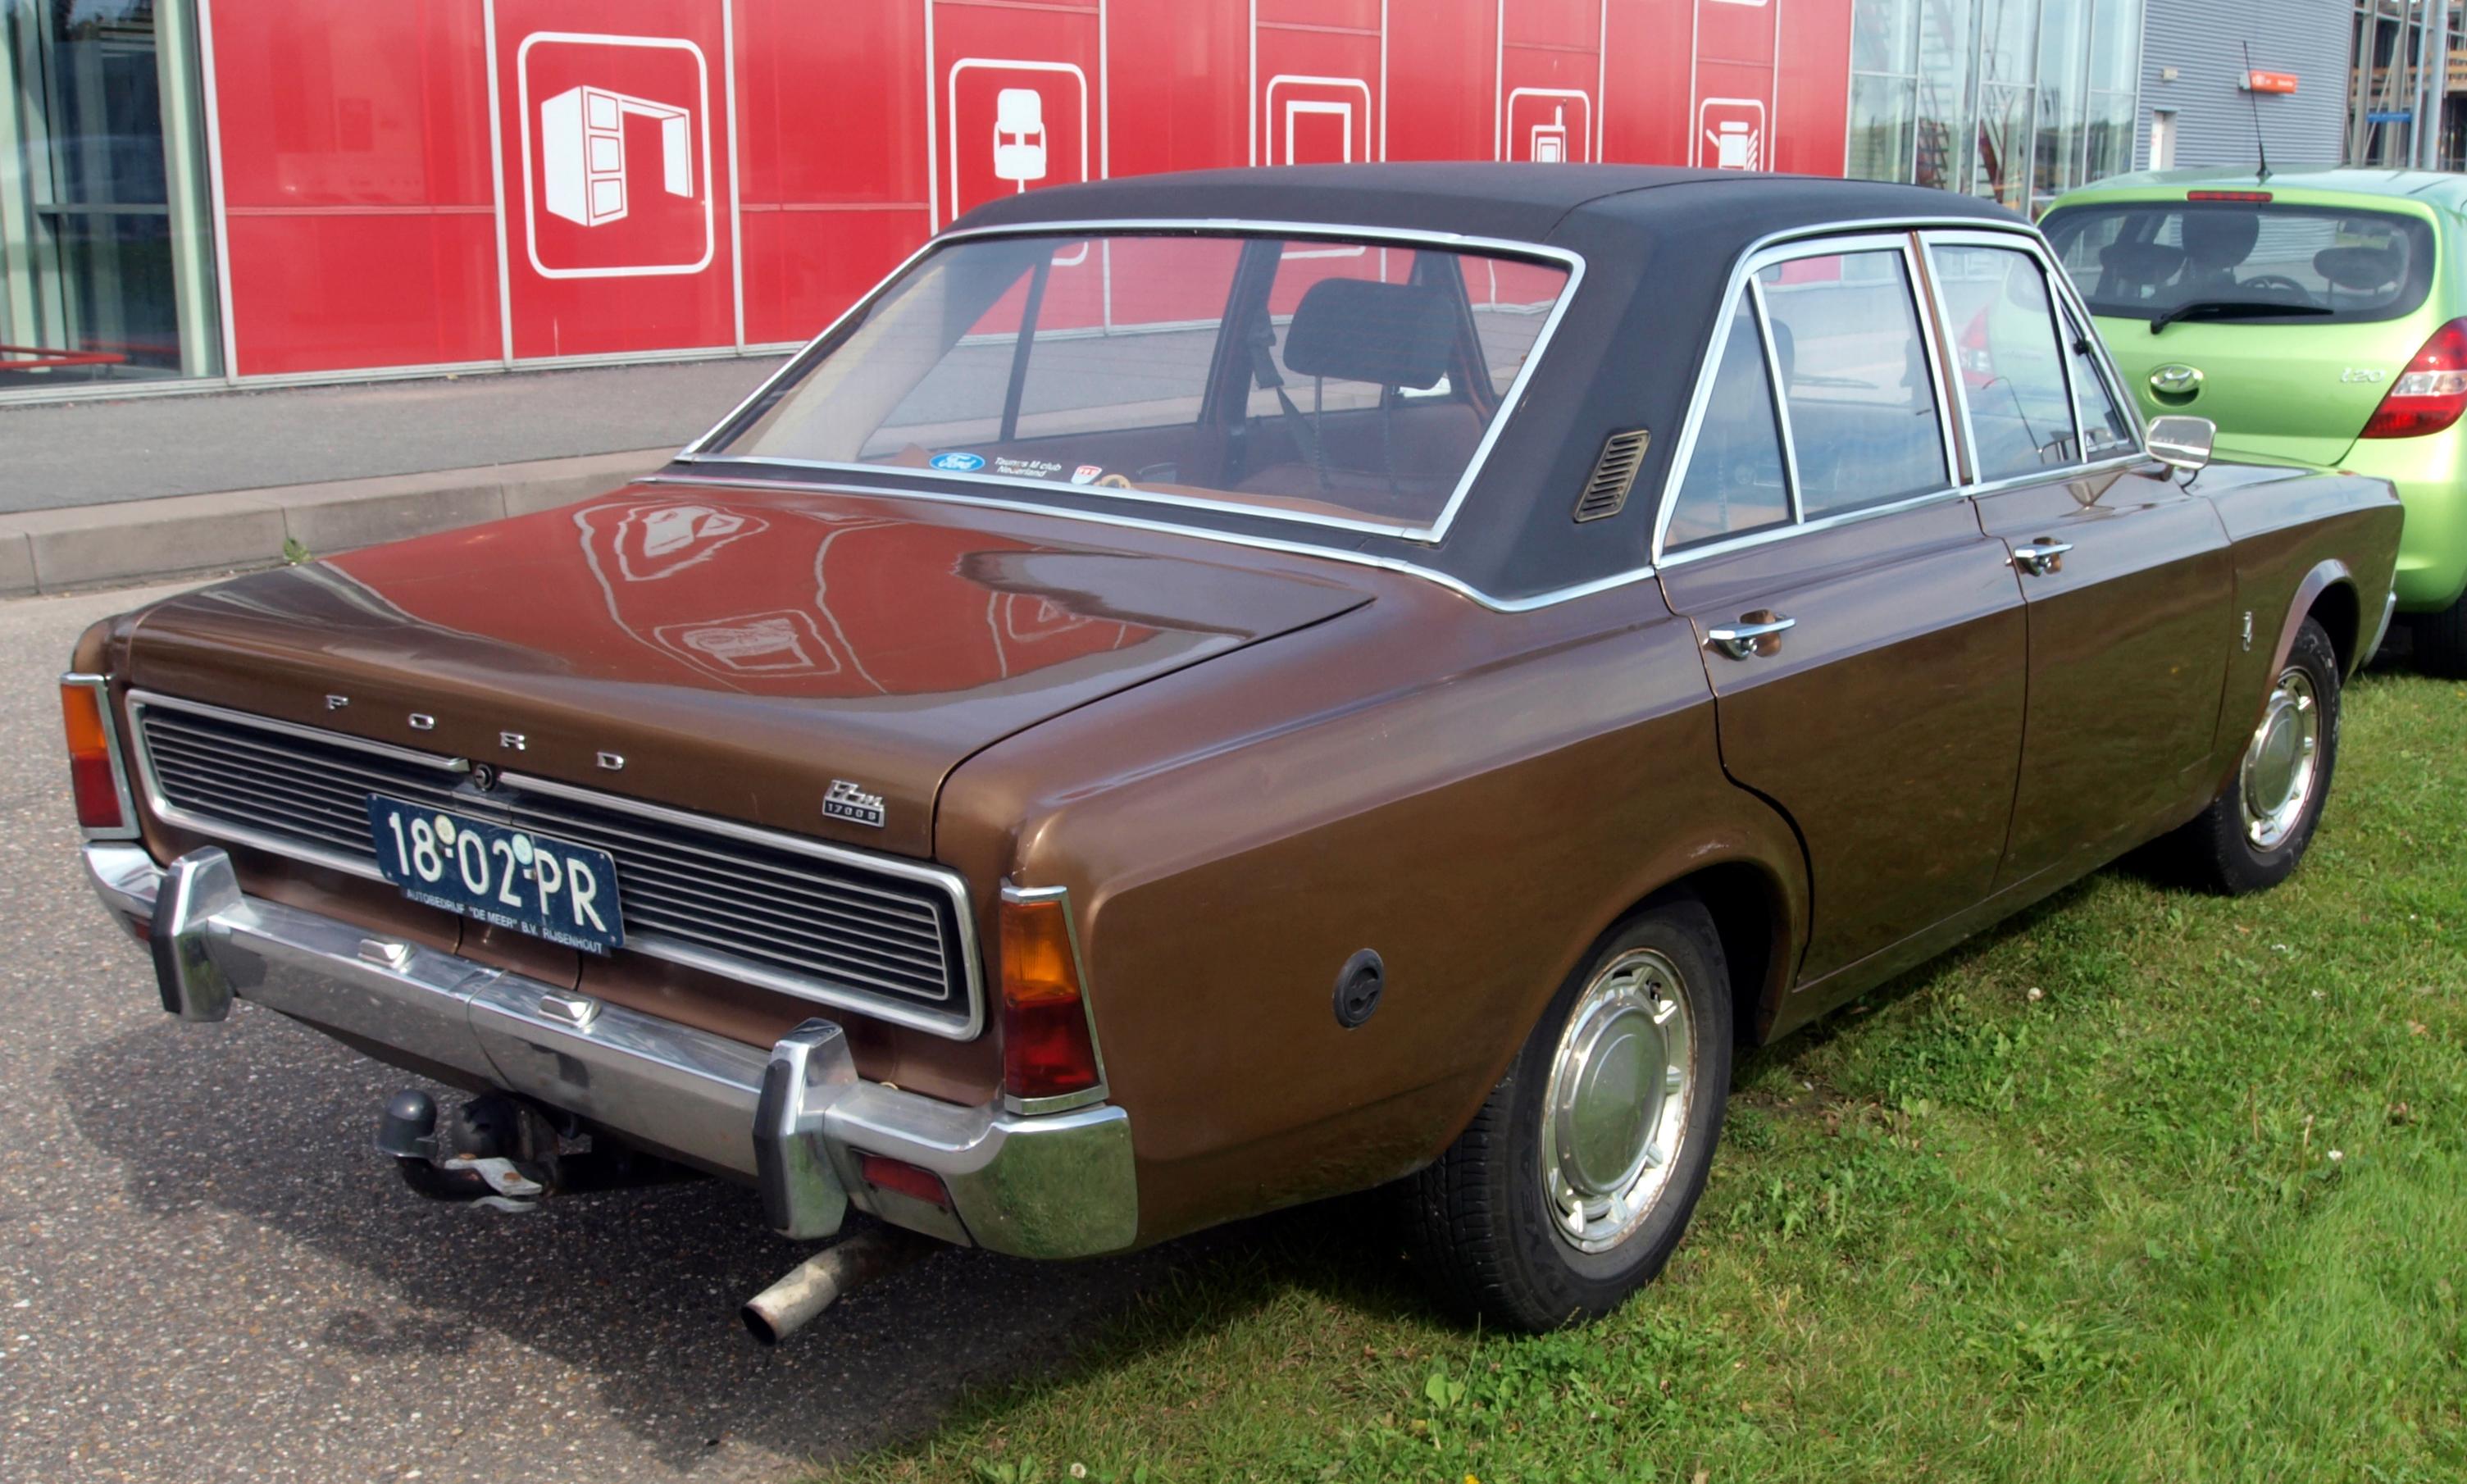 Fantastisch 2006 Ford Lkw Schaltplan Galerie - Schaltplan Serie ...